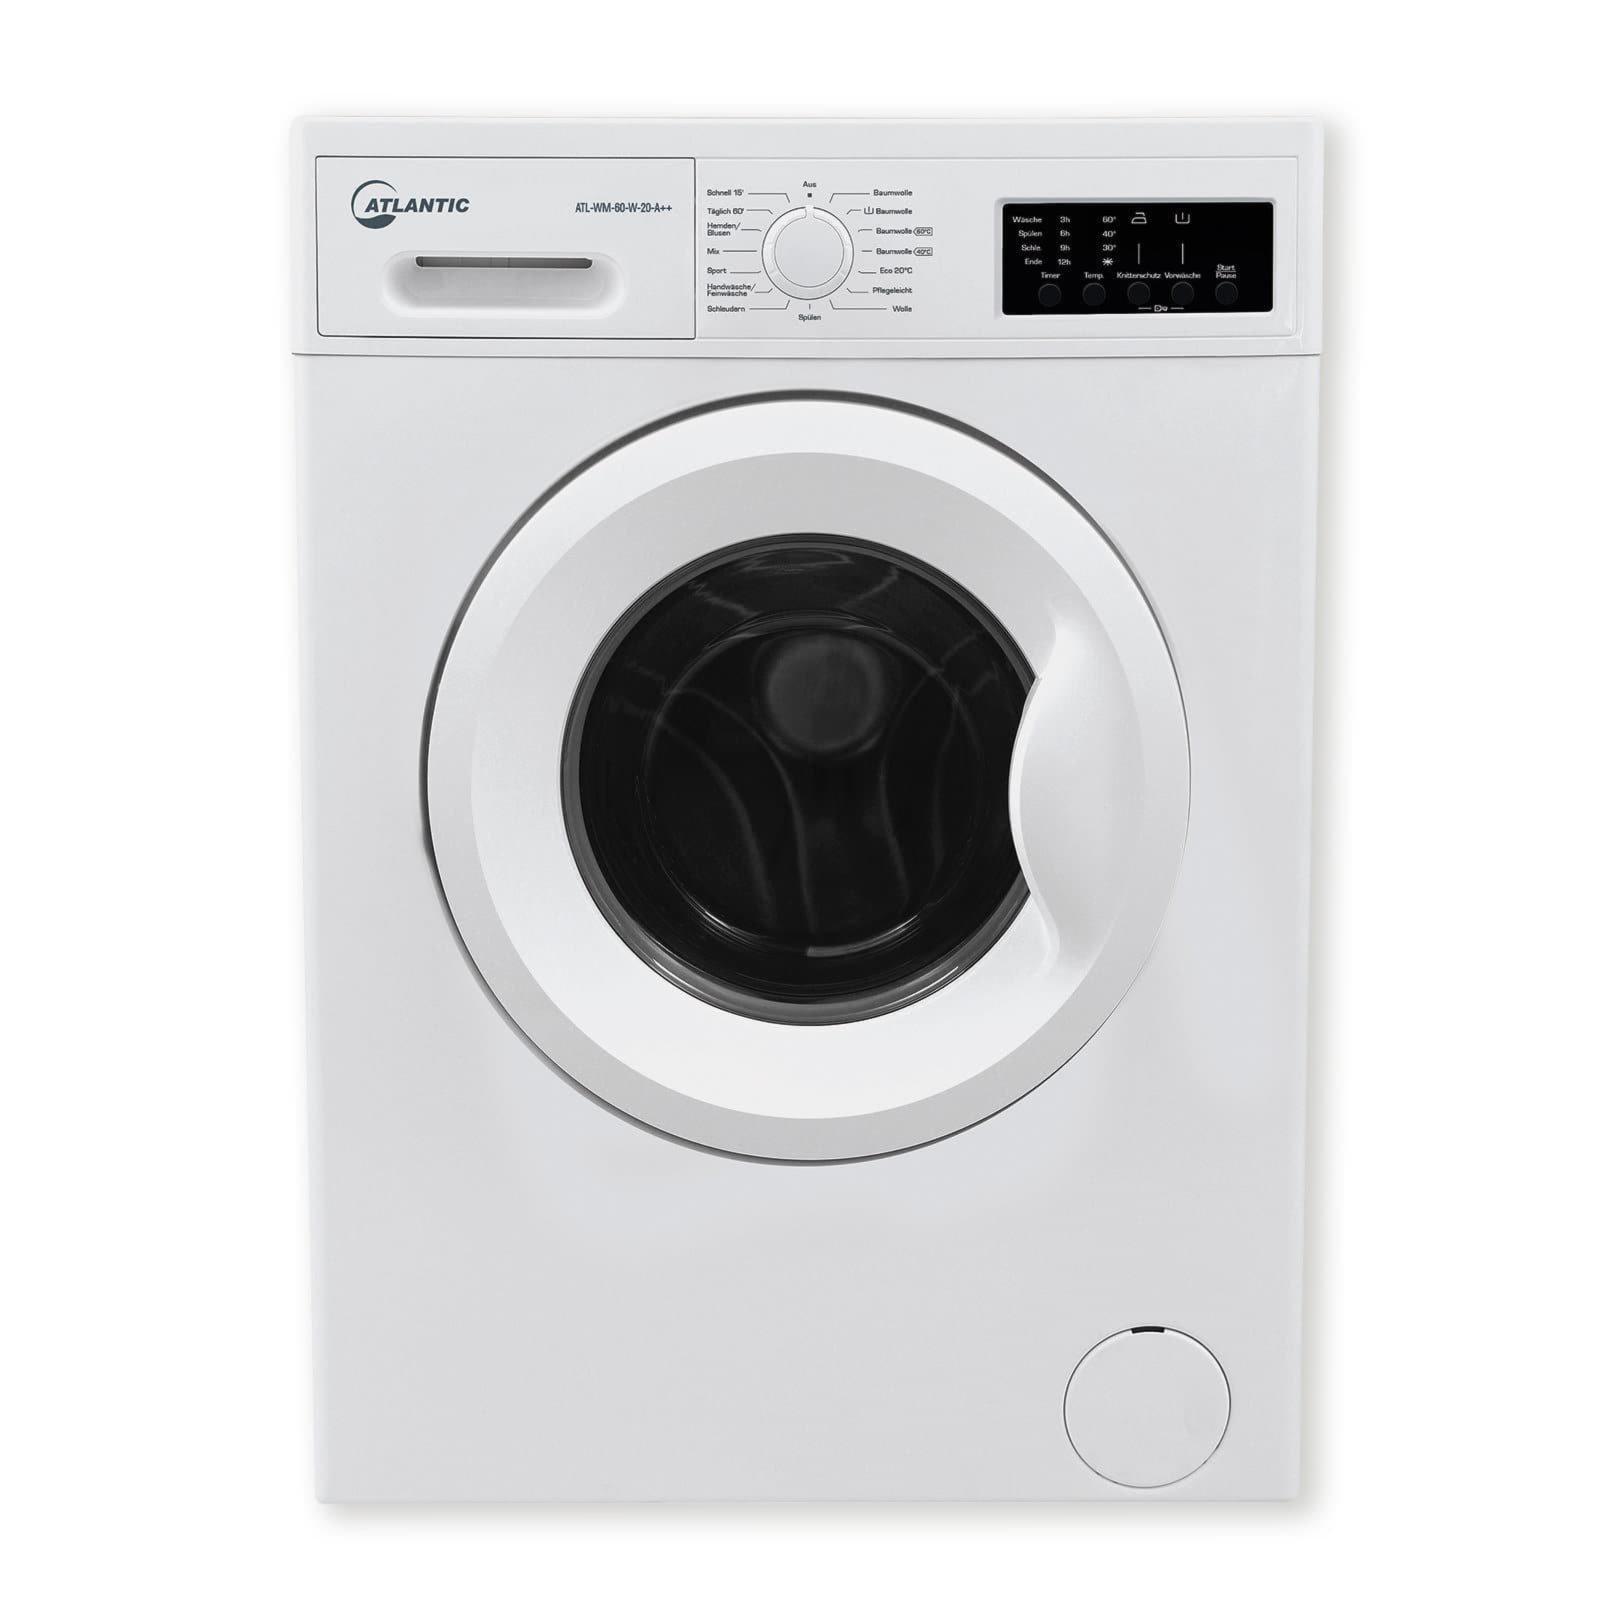 atlantic waschmaschine atlwm60w20 a waschmaschinen waschen trocknen hauswirtschaft. Black Bedroom Furniture Sets. Home Design Ideas